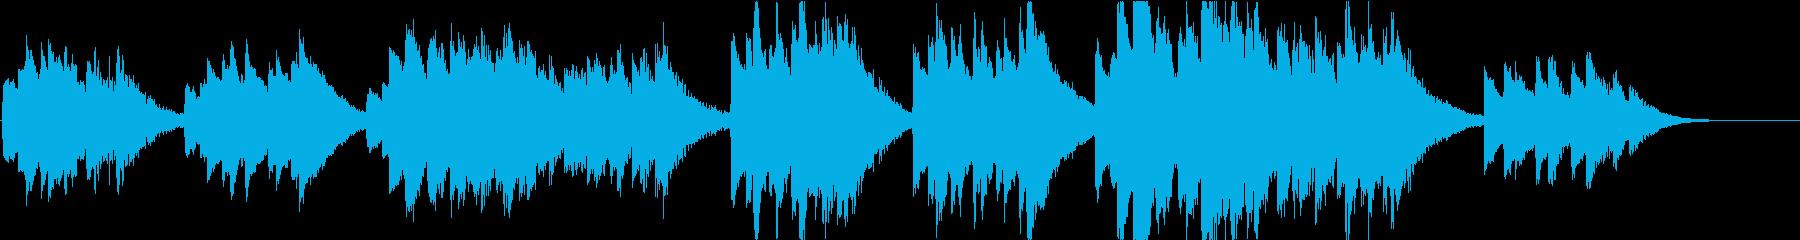 時報・チャイム風の名曲のメロディ・19の再生済みの波形